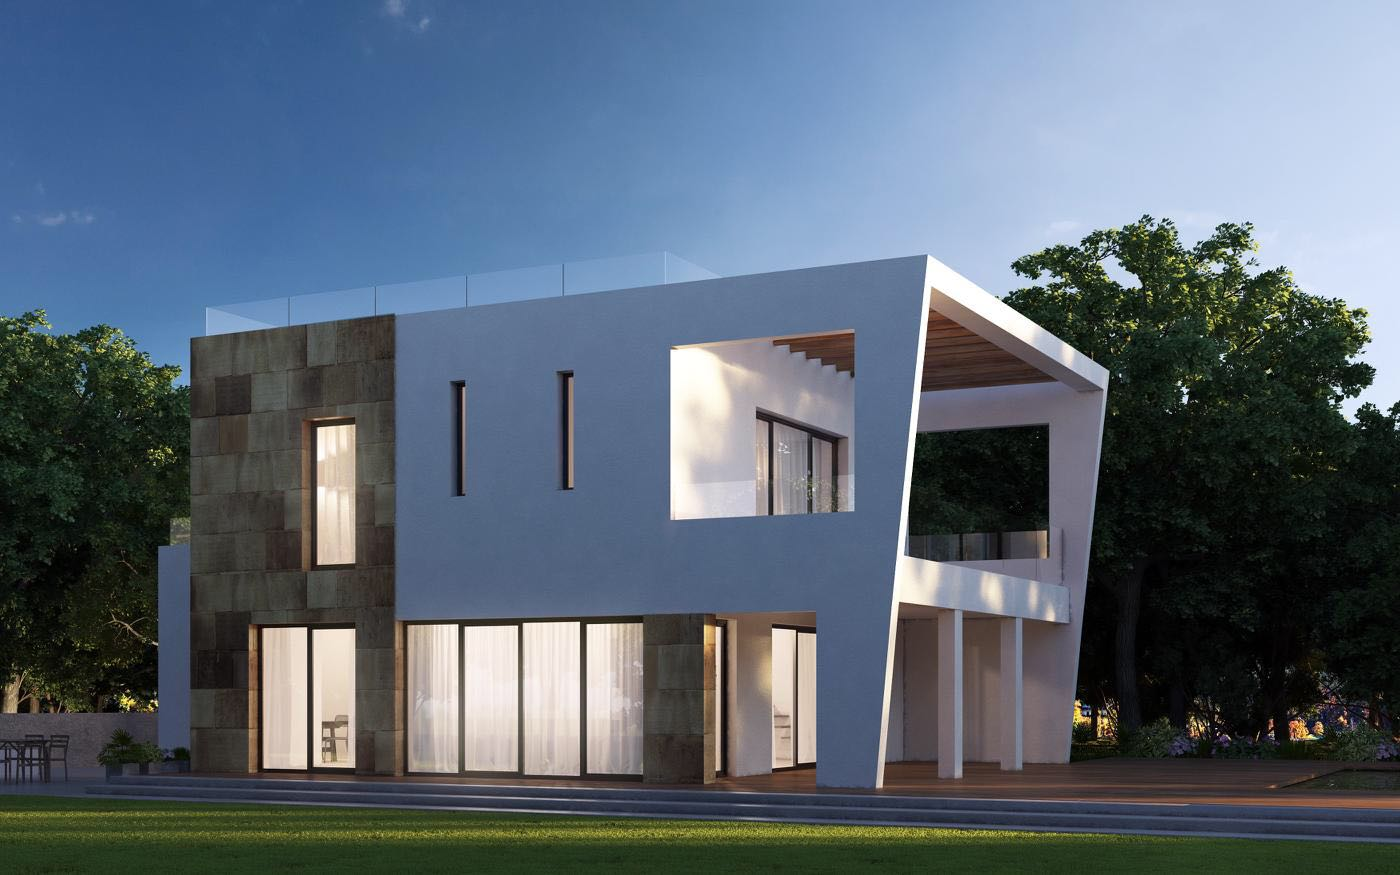 Prachtig huis van ongeveer 200 m2 met 2 slaapkamers en 2 badkamers in Porroig